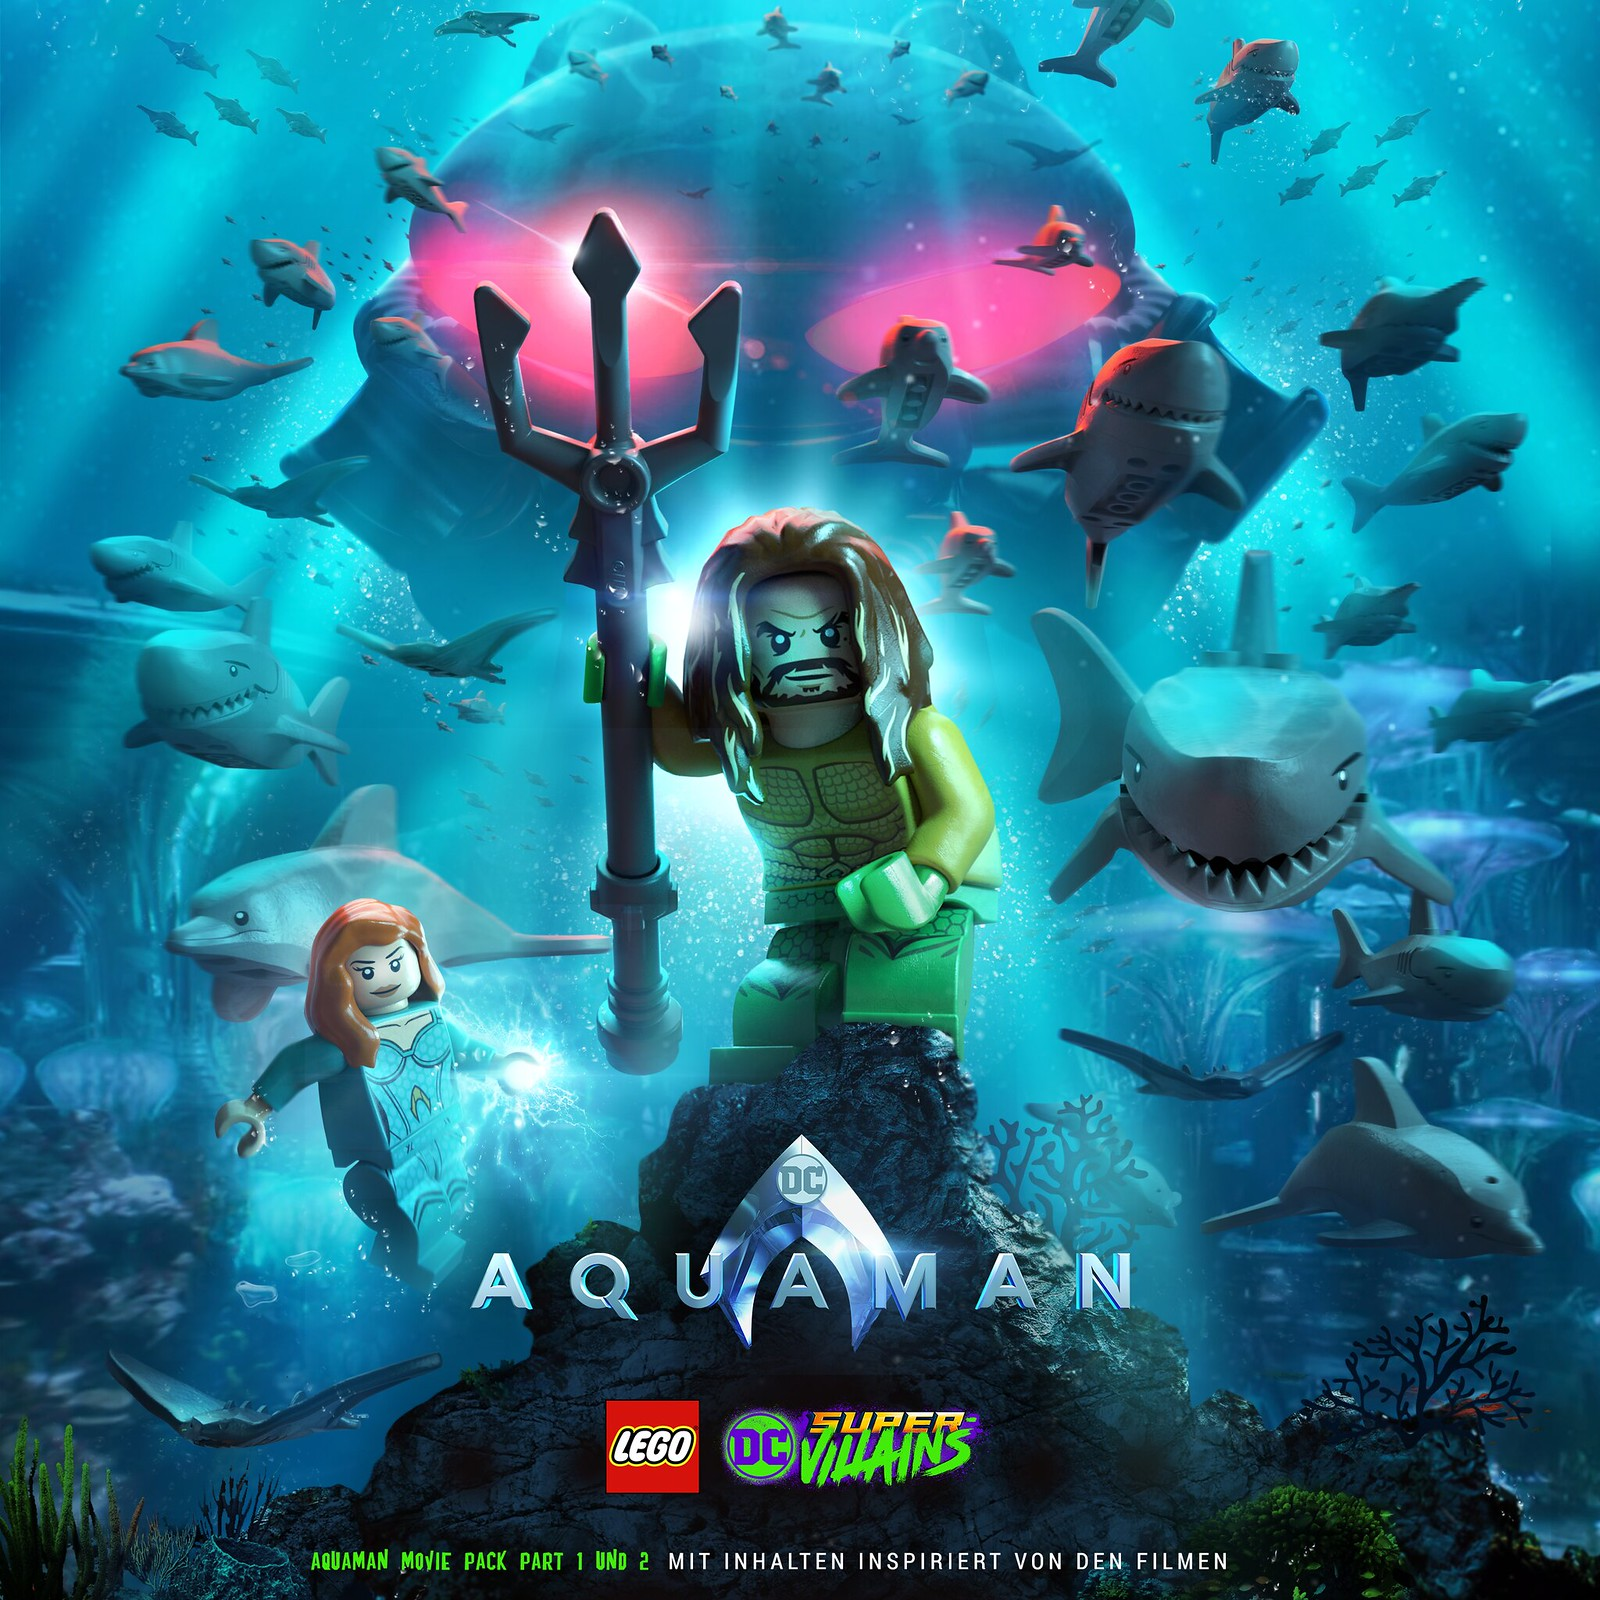 LDCSV_Aquaman_Square_GER_1543489396